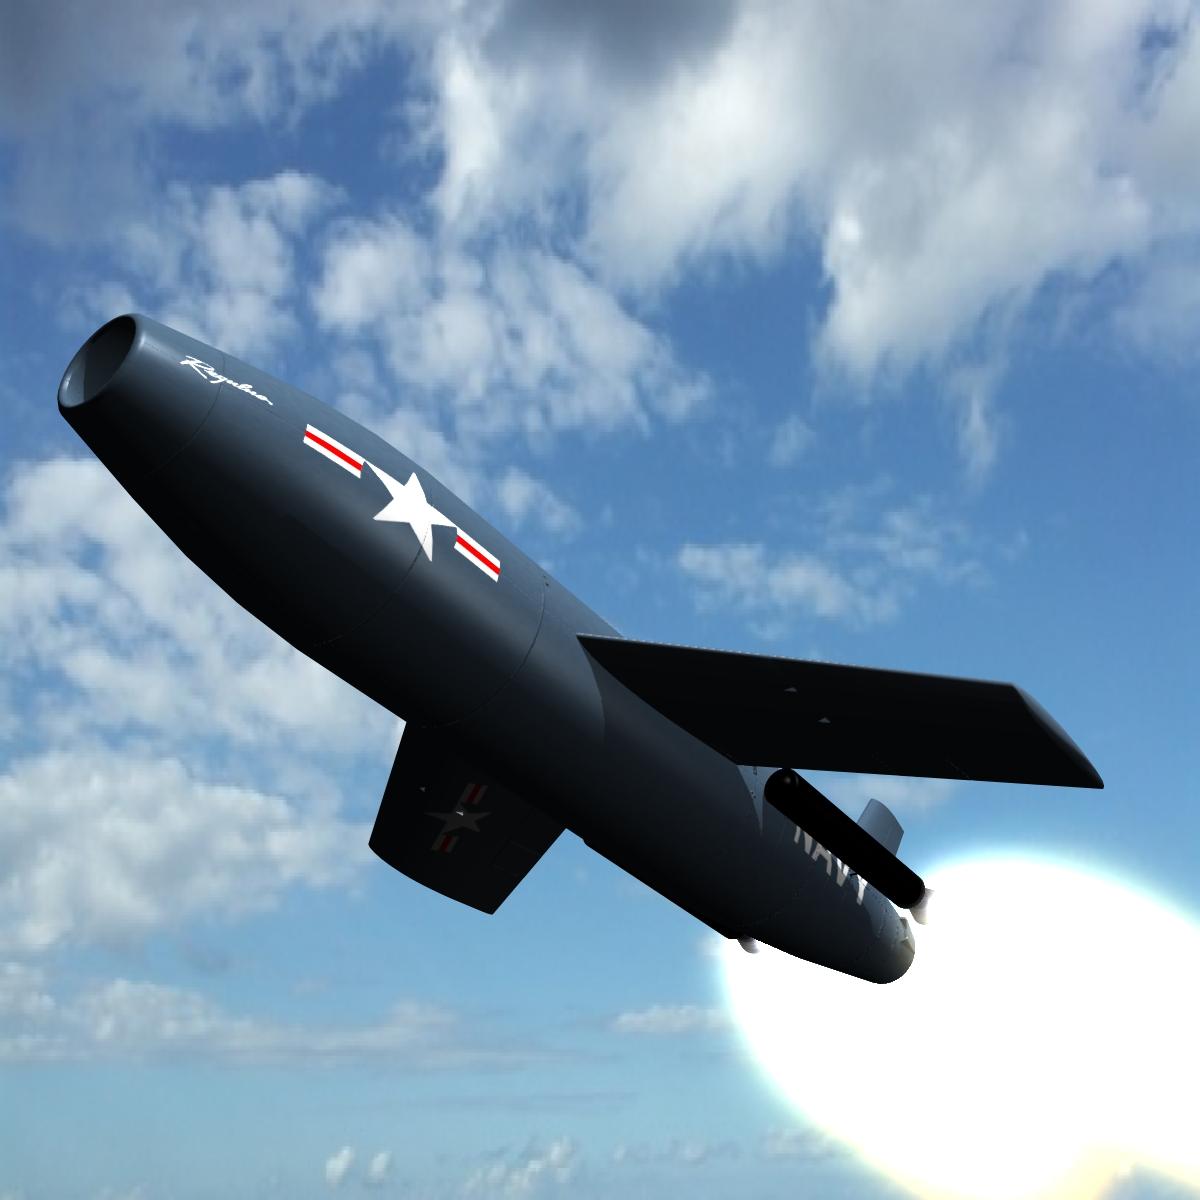 nas ssm-n-8 regulus i krstareća raketa 3d model 3ds dxf x cod scn obj 149255